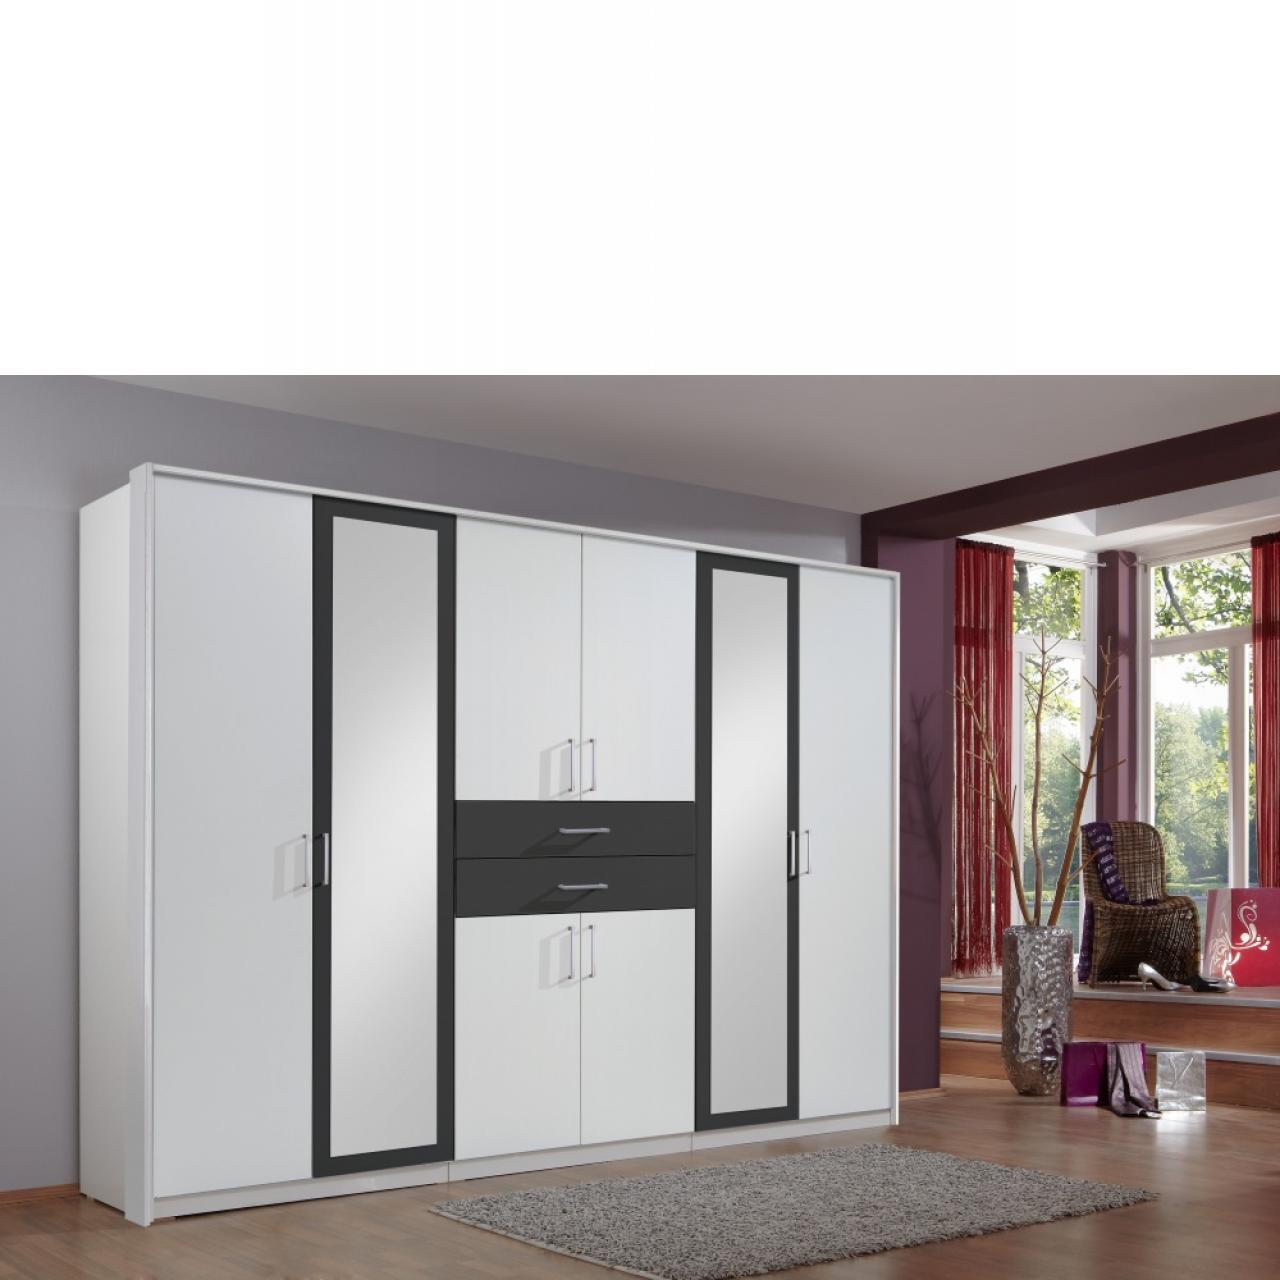 schwebet renschrank bern wei mit spiegel. Black Bedroom Furniture Sets. Home Design Ideas